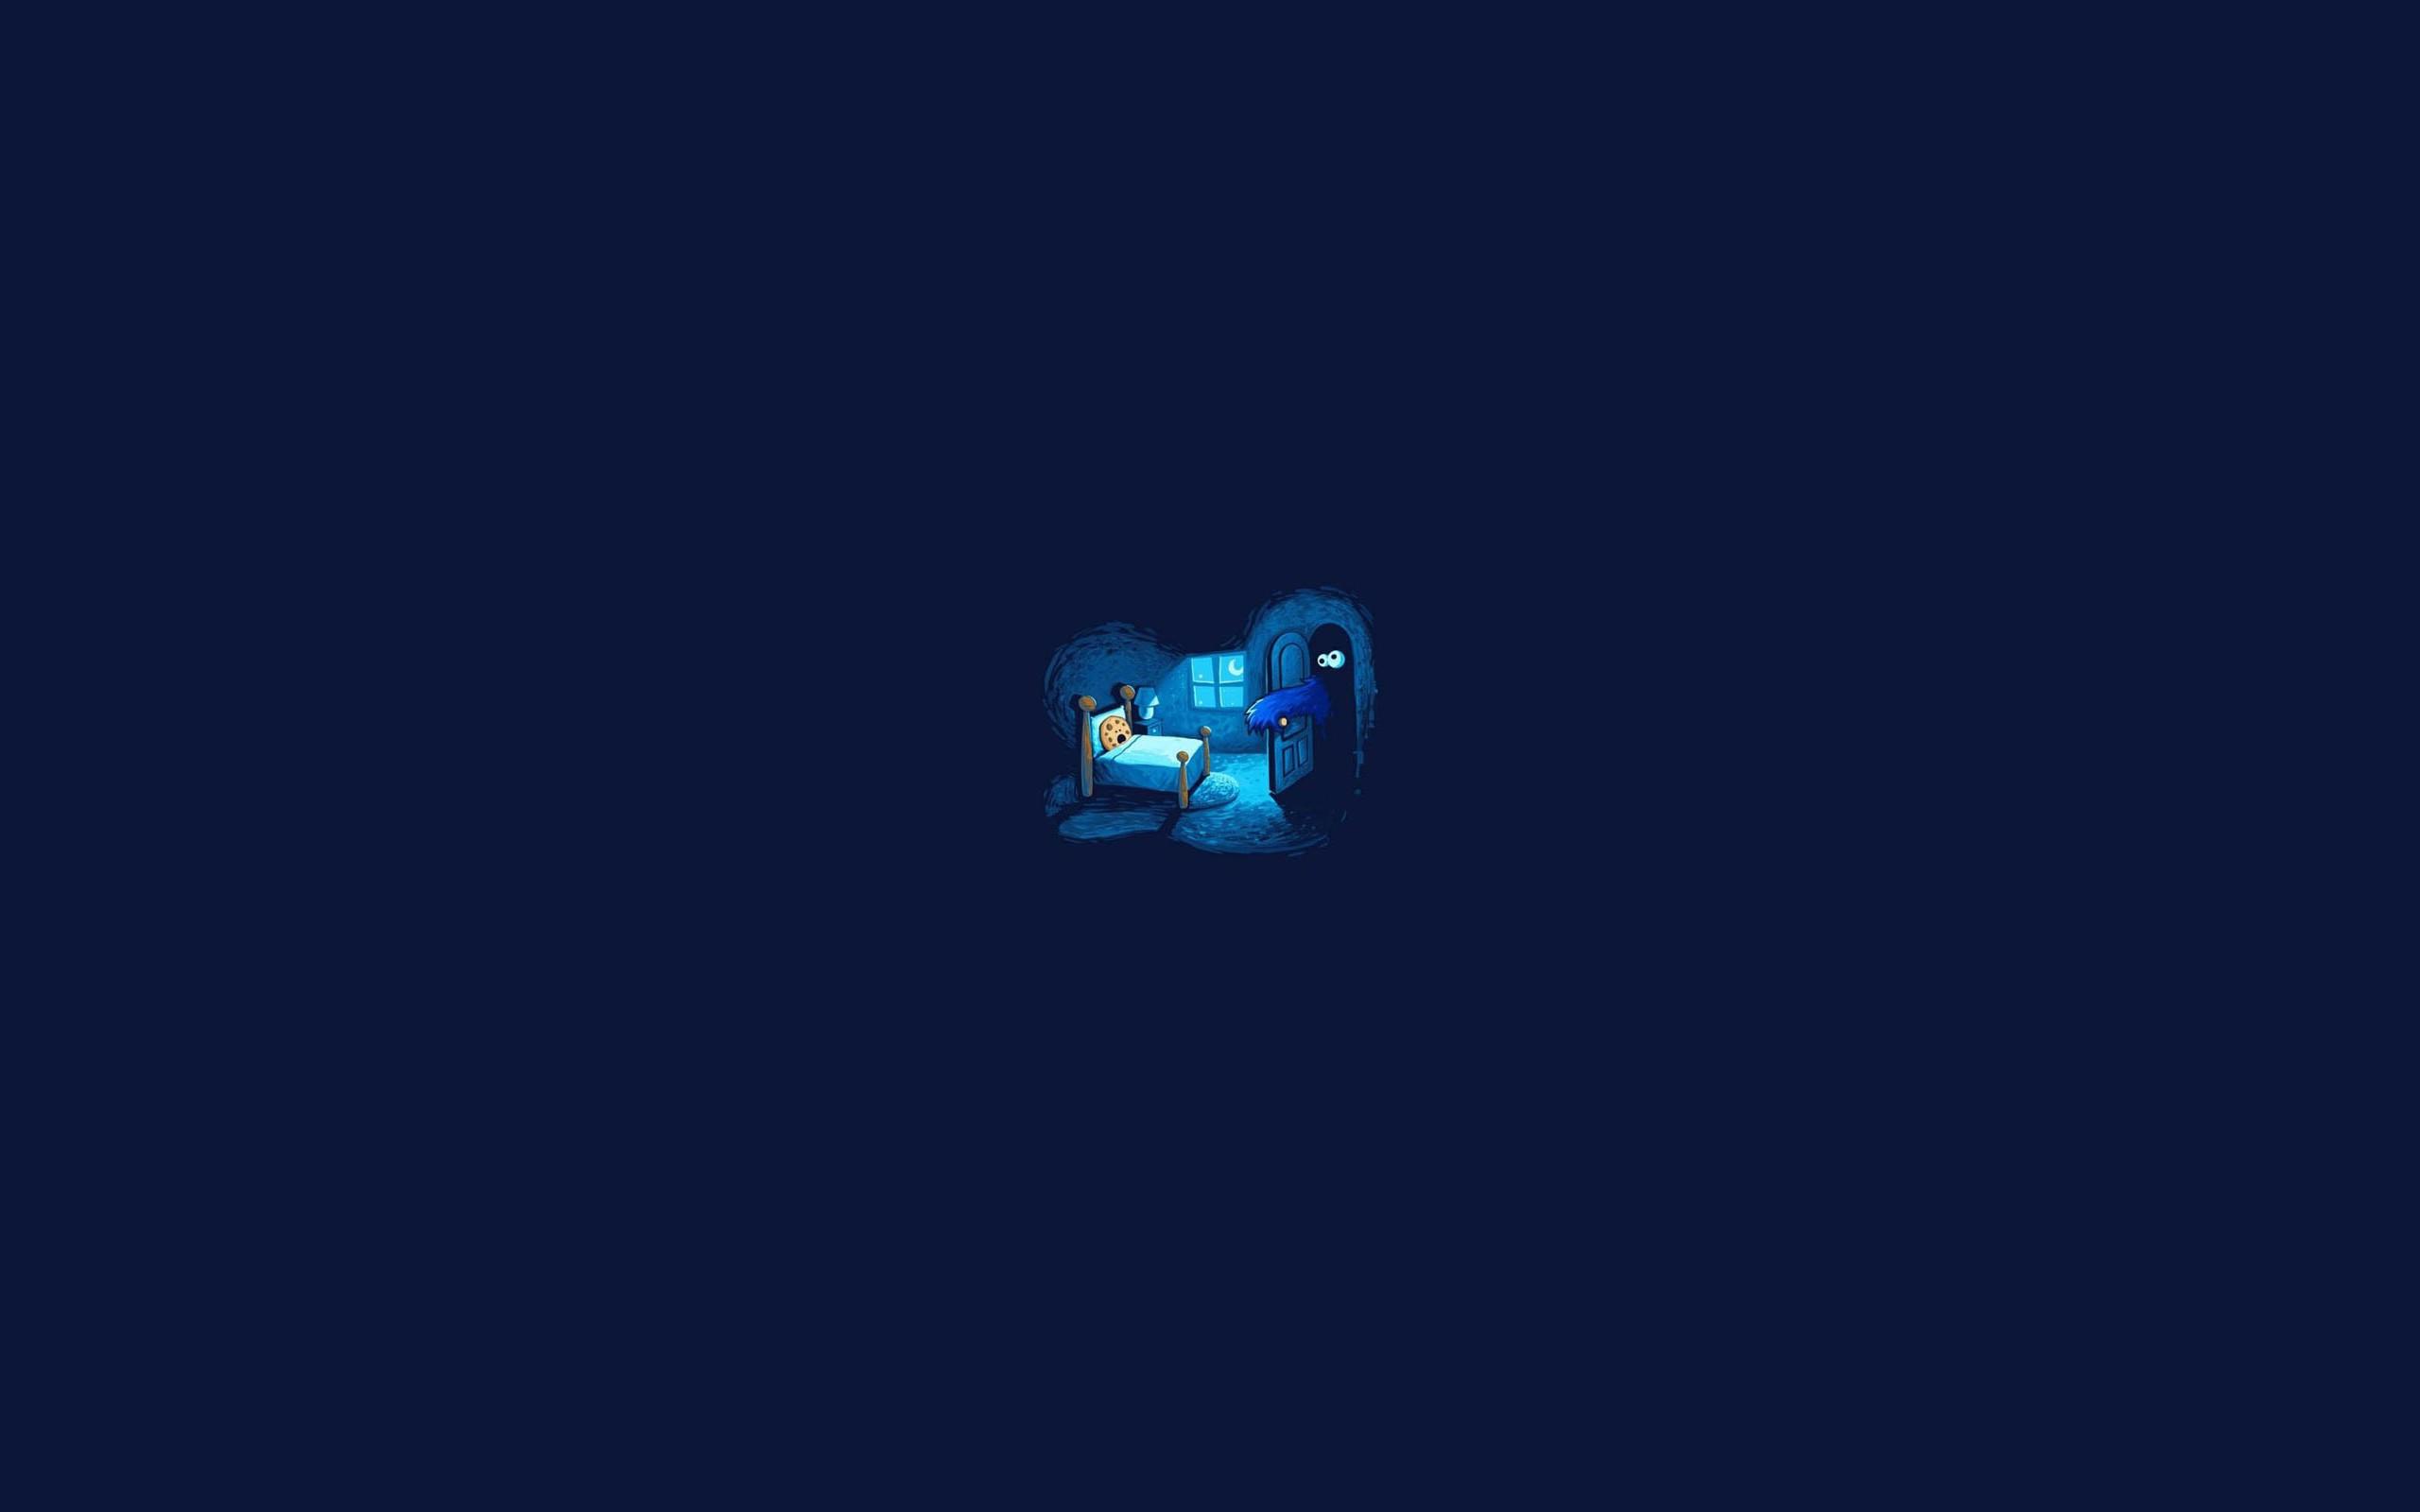 デスクトップ壁紙 ミニマリズム ユーモア ロゴ 青 クッキーモンスター スクリーンショット コンピュータの壁紙 フォント 2560x1600 Mxdp1 デスクトップ壁紙 Wallhere